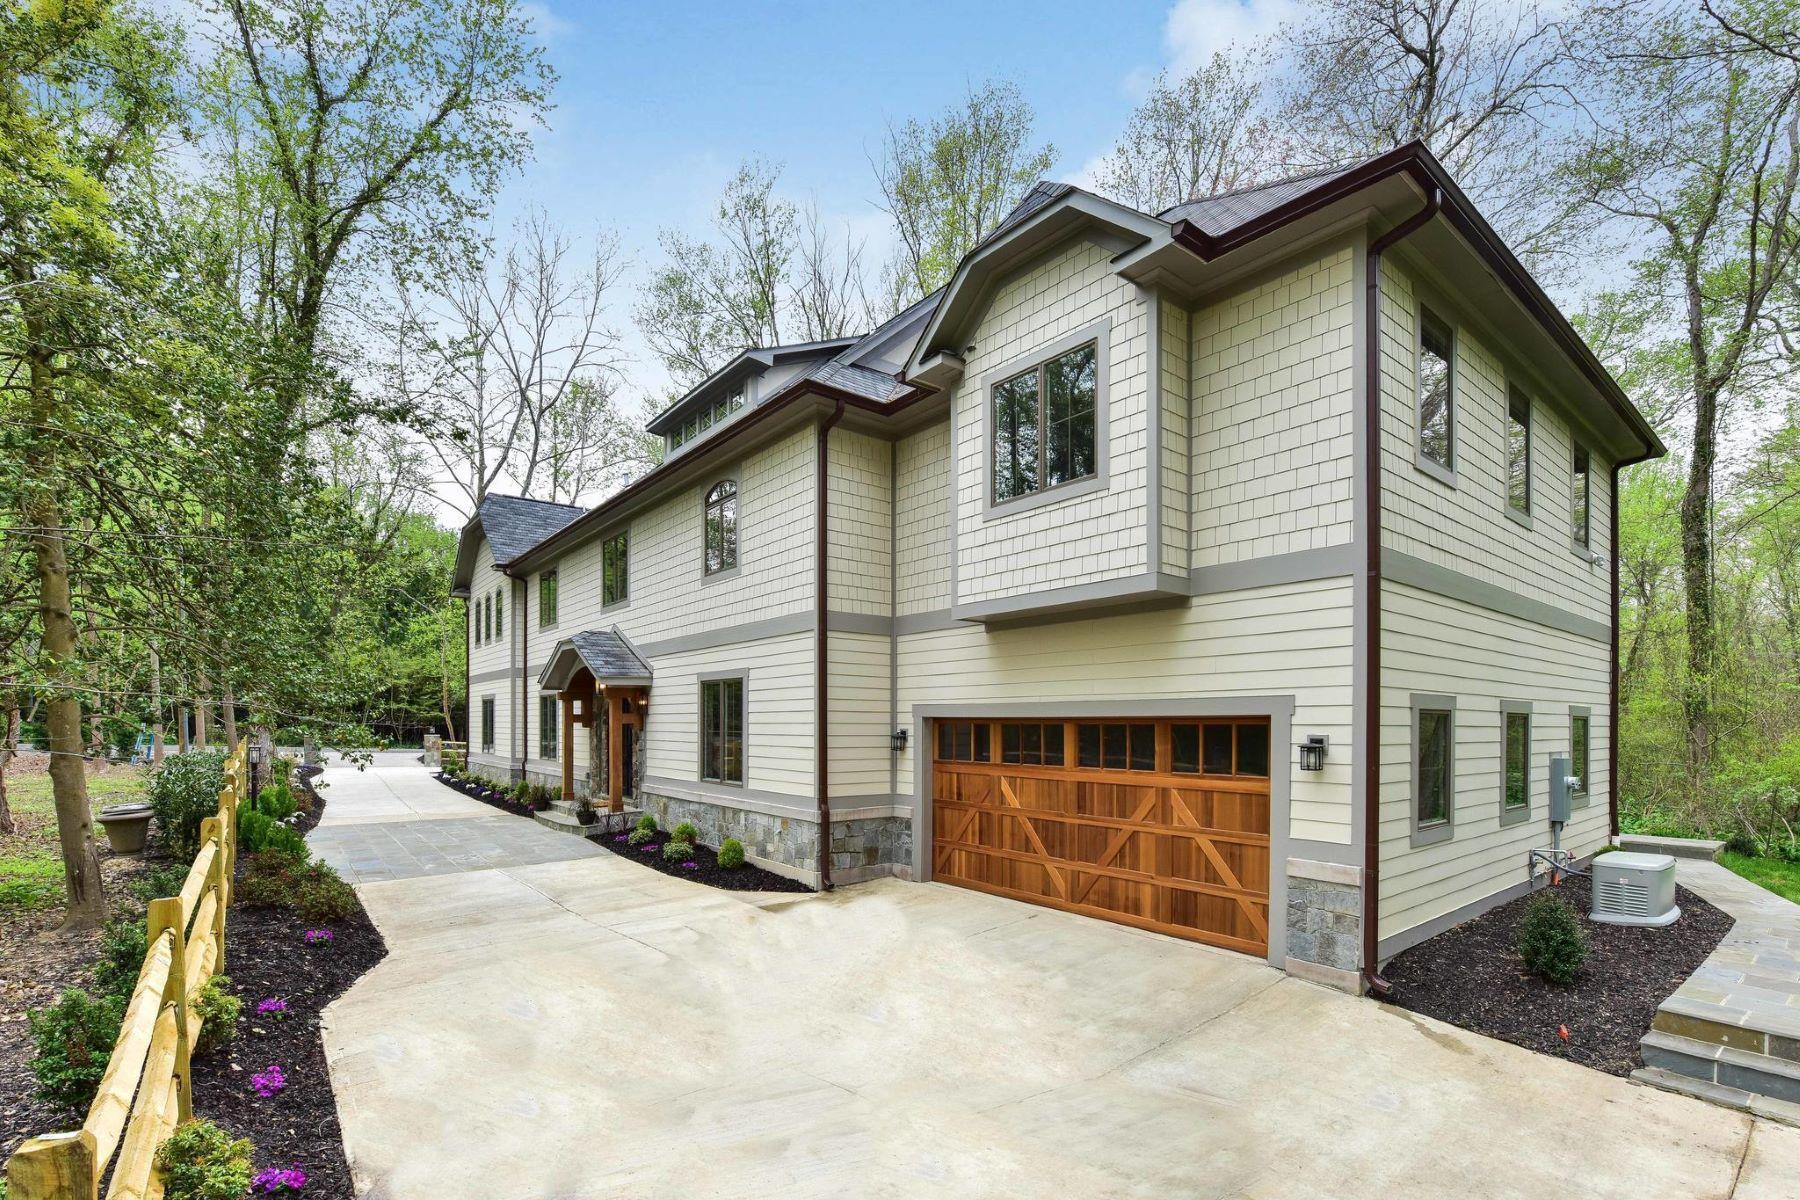 Casa Unifamiliar por un Venta en 6828 Sorrel Street, Mclean McLean, Virginia, 22101 Estados Unidos